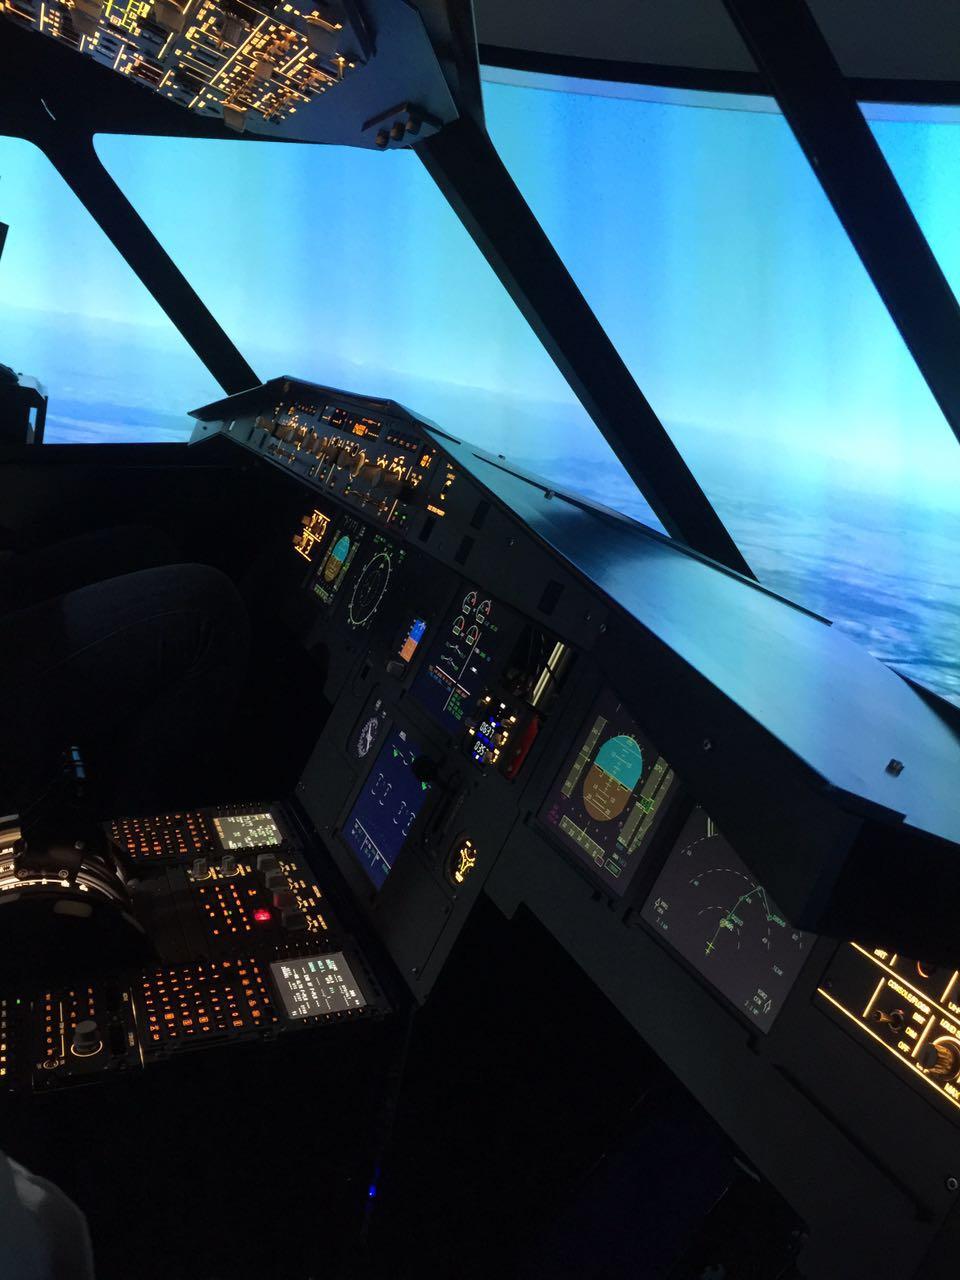 iFSim A320 Simulator wanted-Choose iFSim A320 Simulator Manufacturer